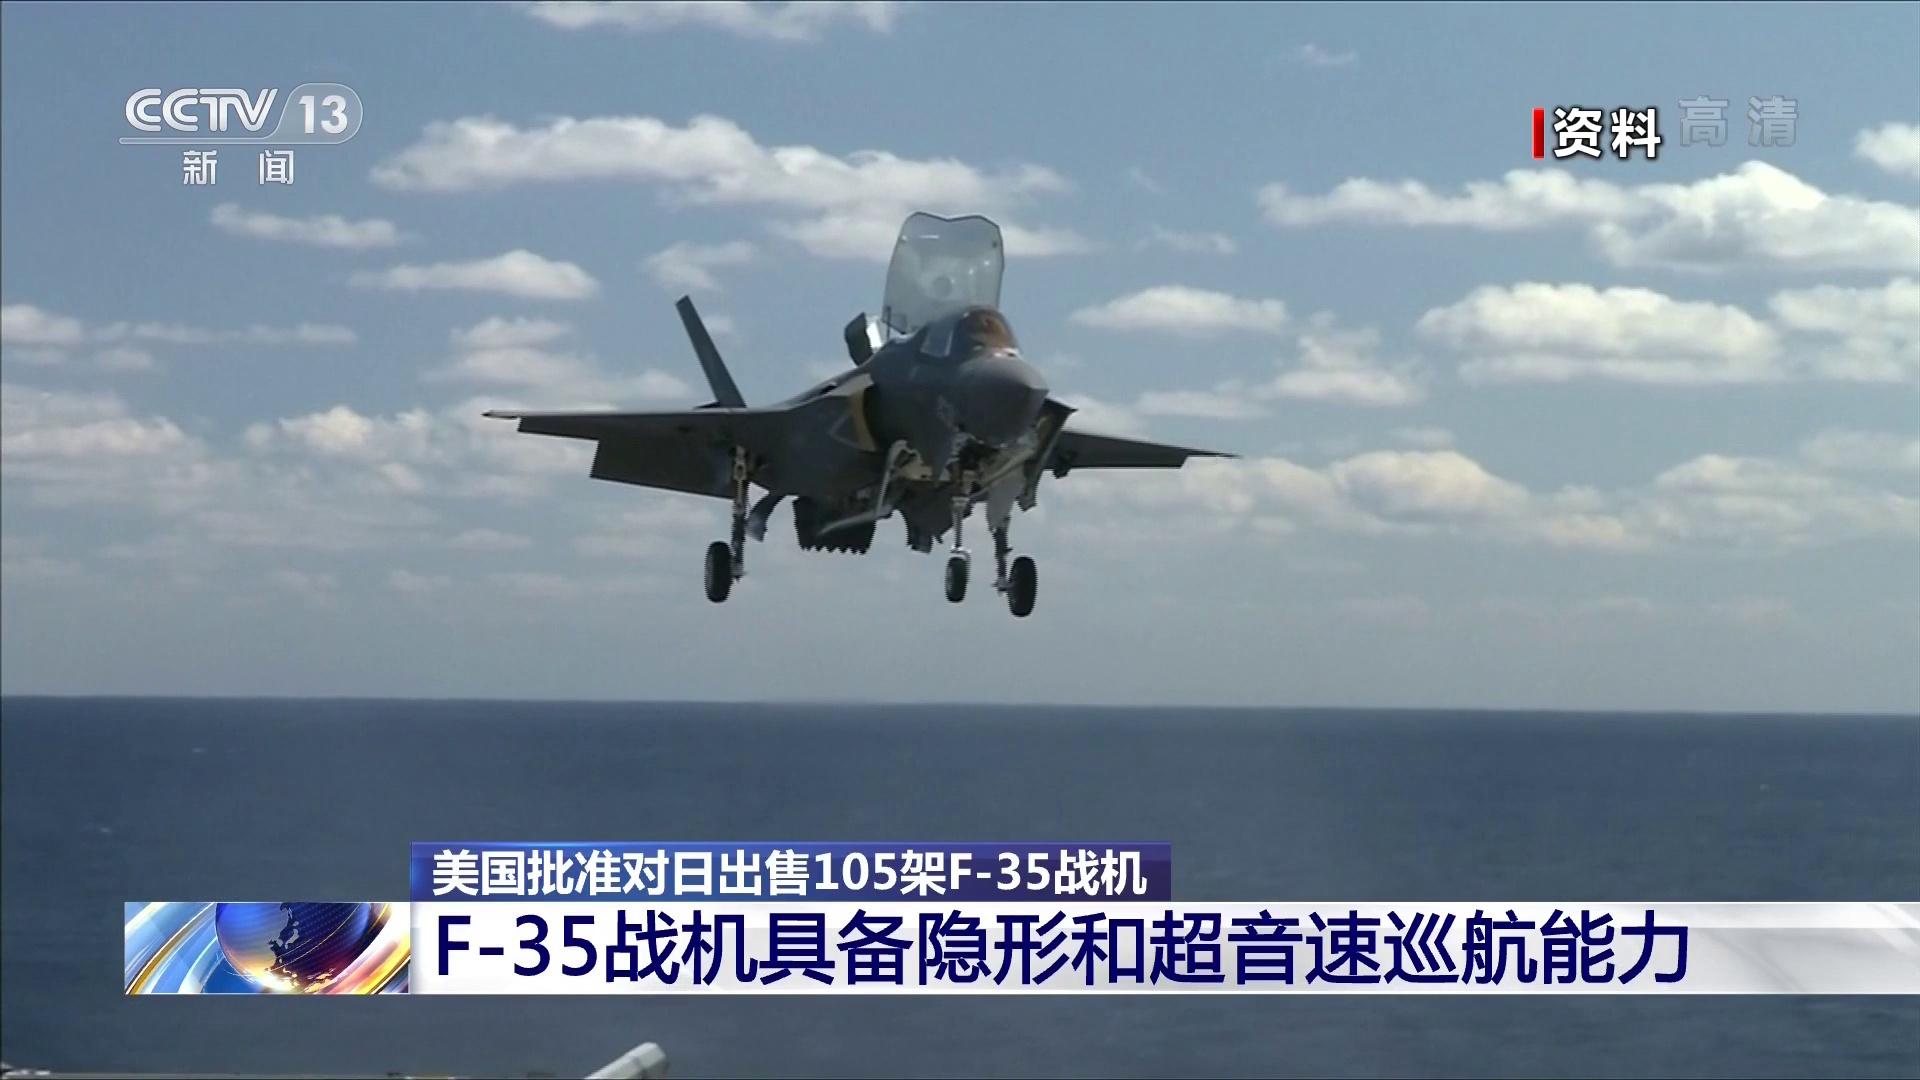 联博统计:美批准对日出售105架F-35战机 日或成为此战机全球第二大用户 第3张